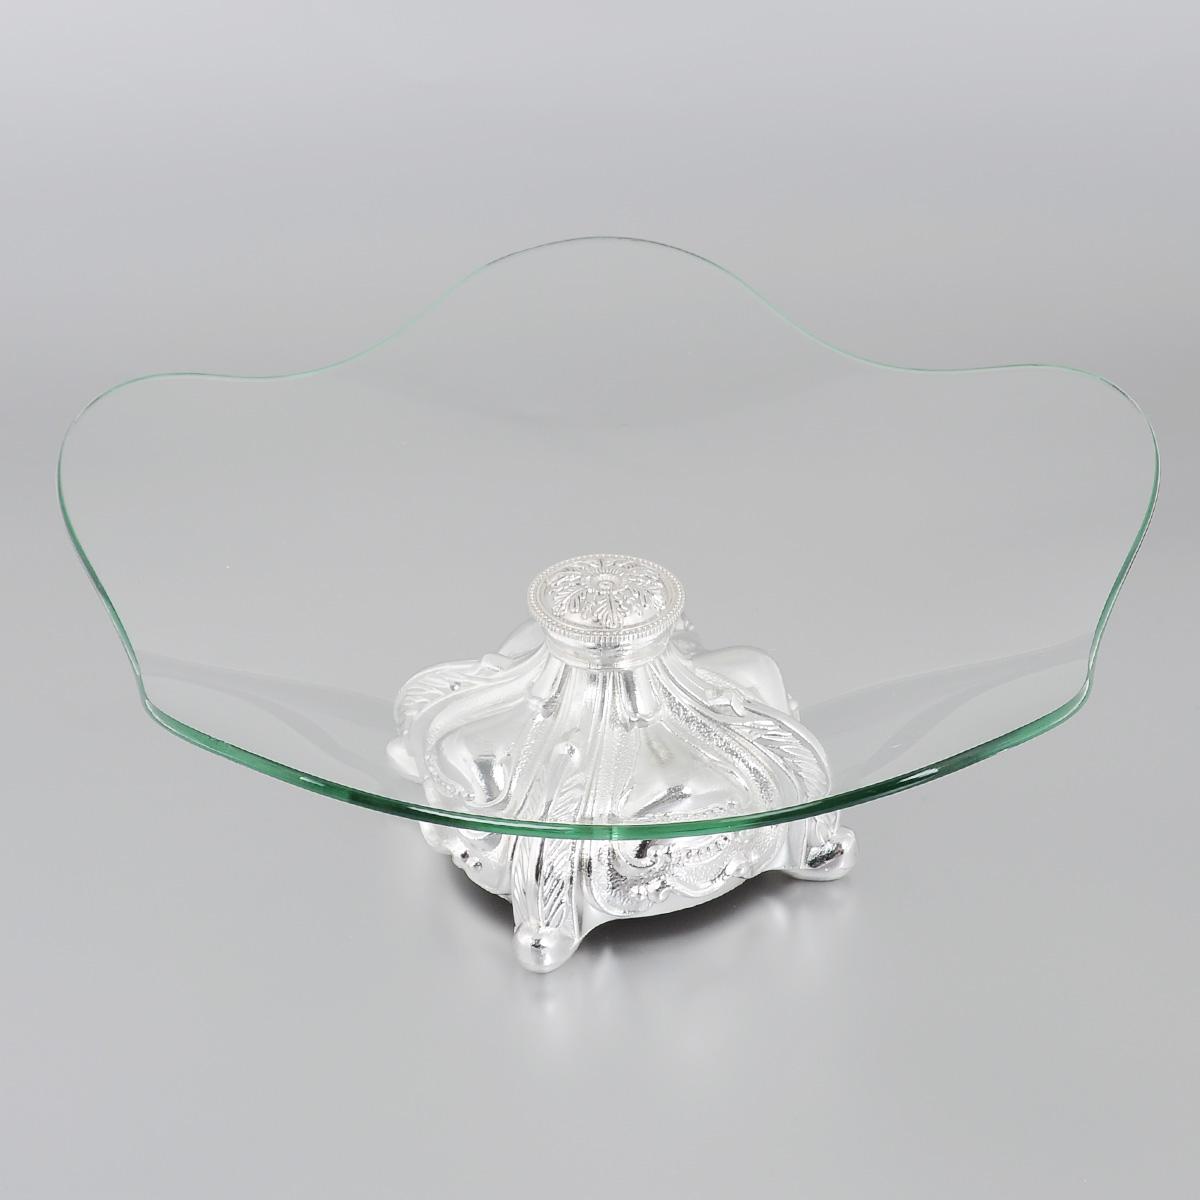 Ваза универсальная Marquis, 30 см х 30 см. 3093-MR ваза селадон династия мин 30 х 30 х 56 см